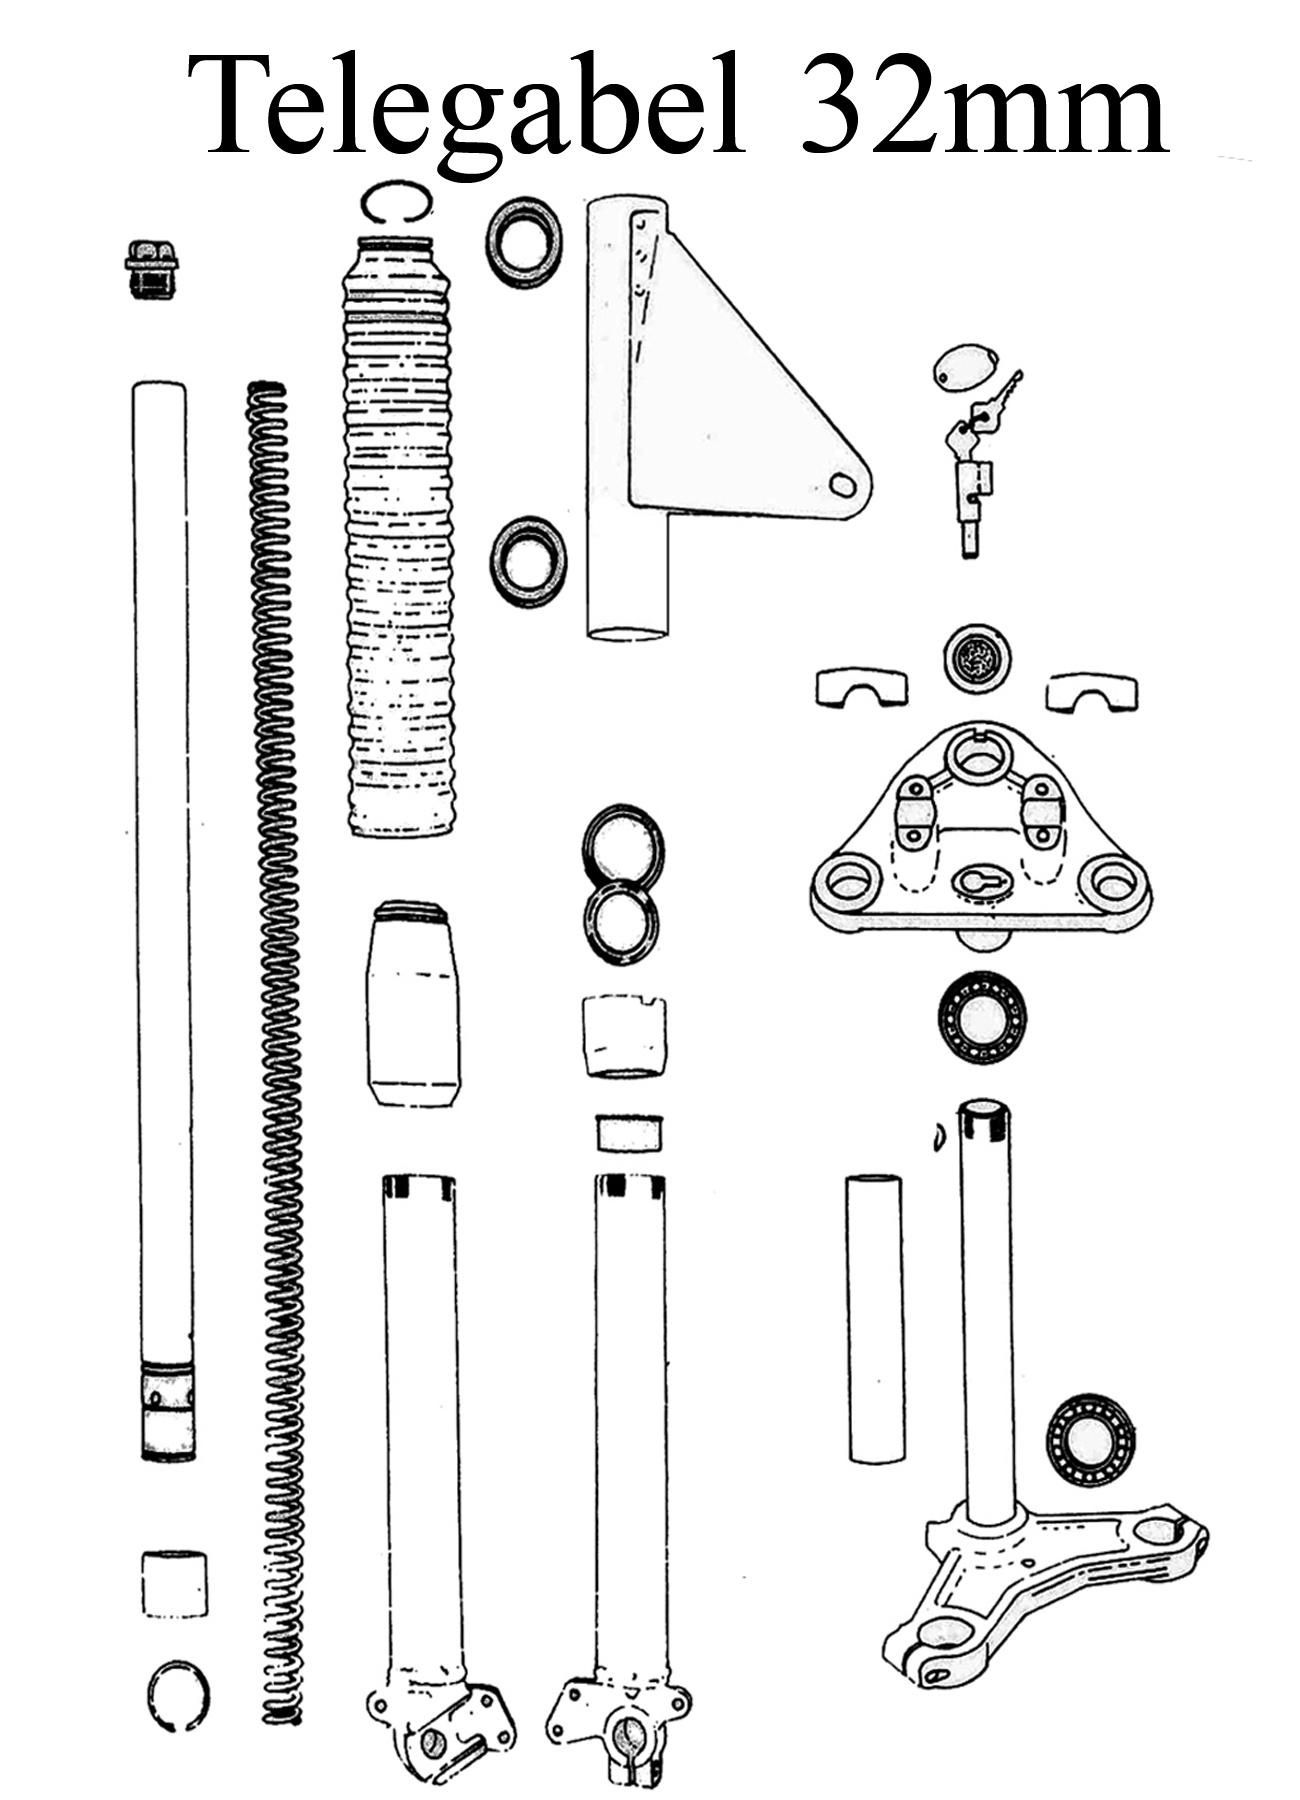 MZ TS 125 150 Ersatzteile Telegabel 32mm